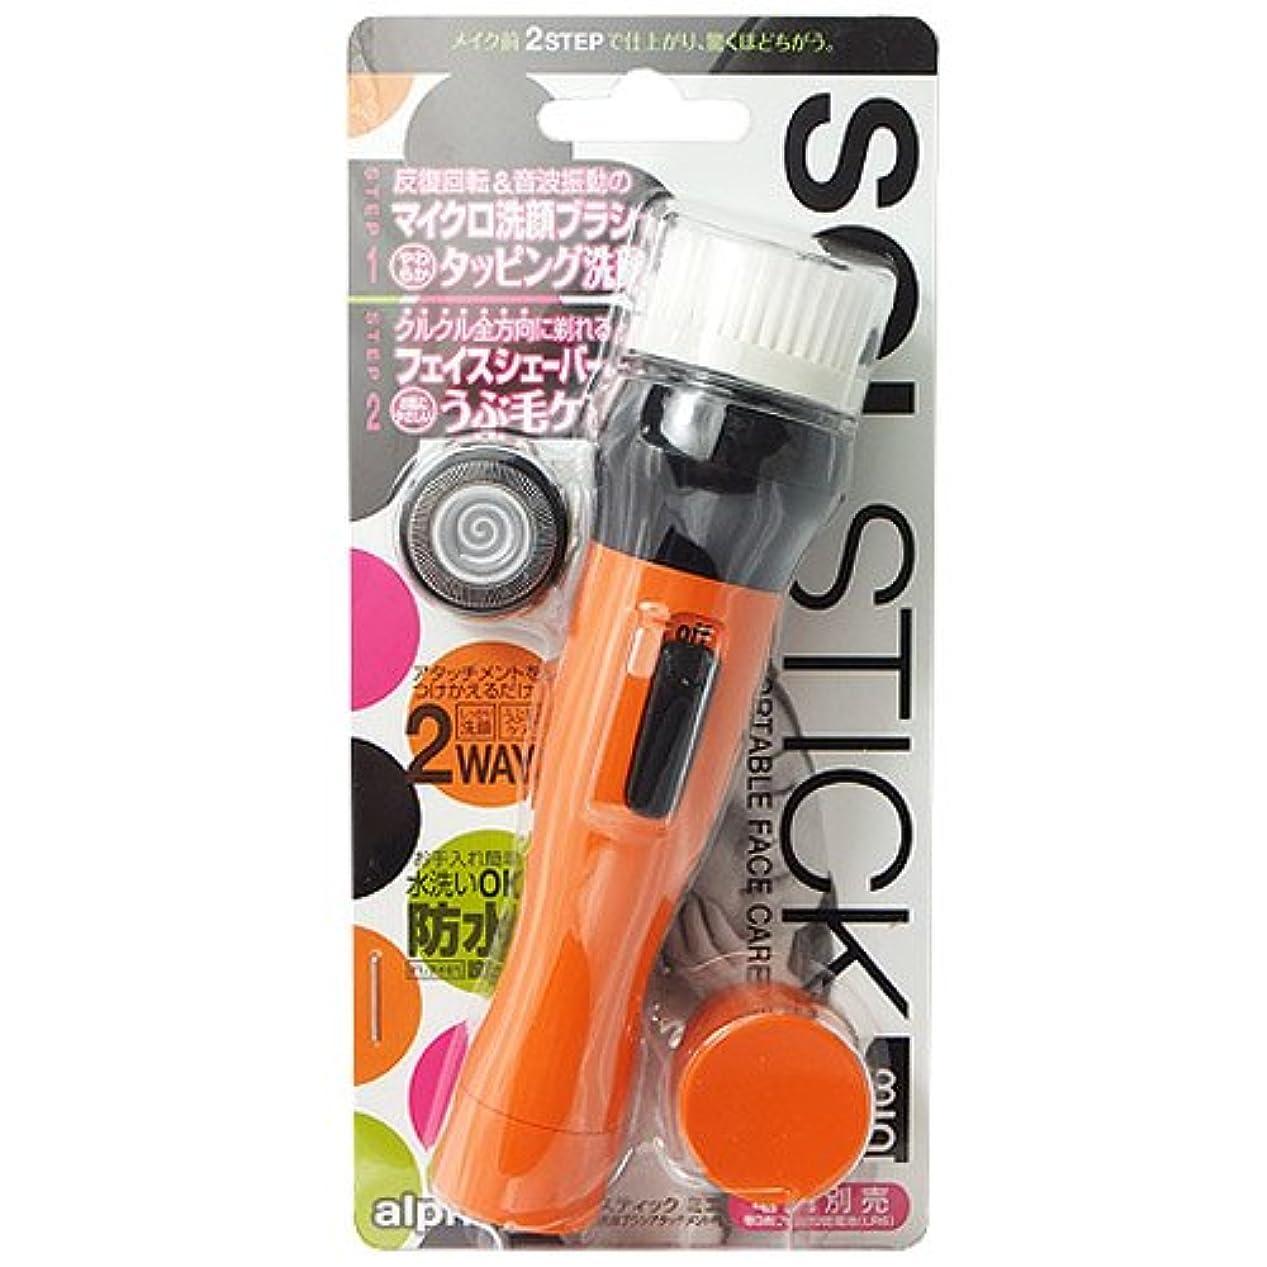 伝染病ベアリングカップアルファP  ソルスティック ミニ マイクロ洗顔ブラシアタッチメント付  オレンジ